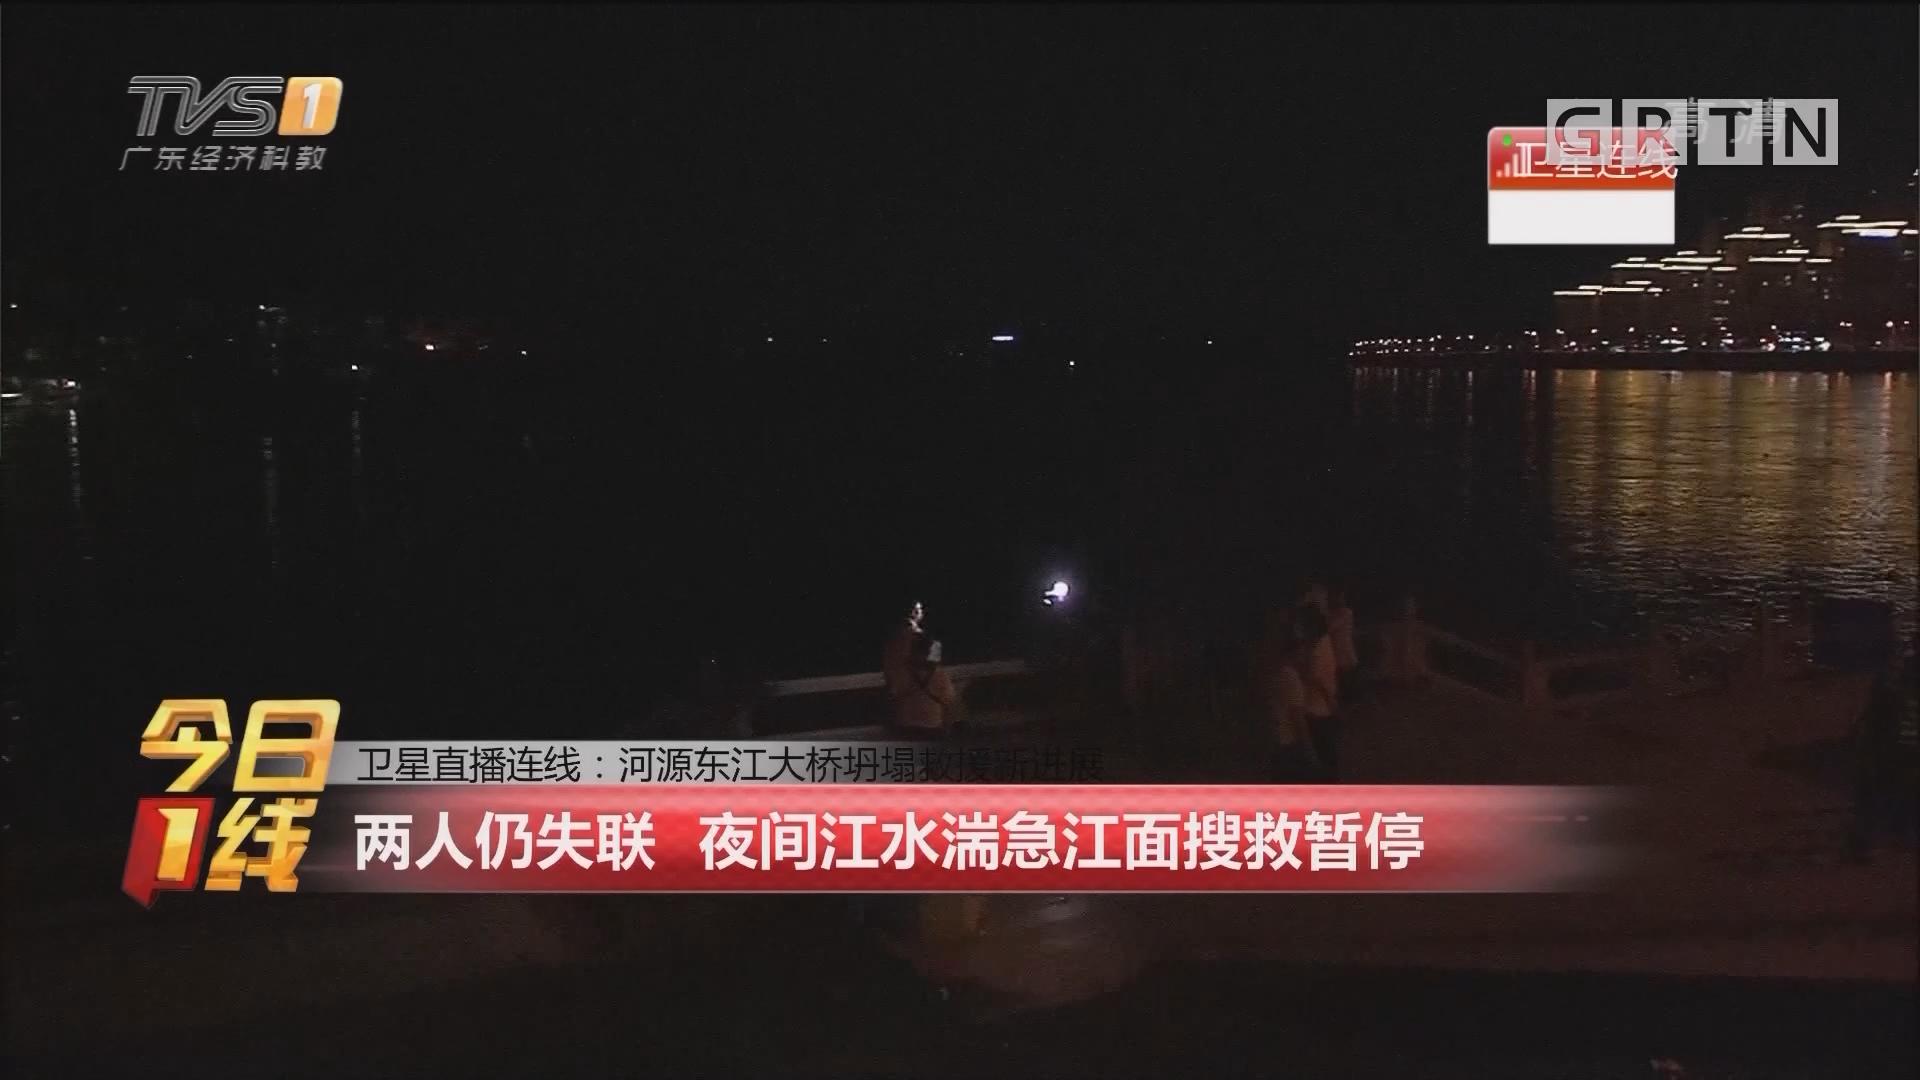 卫星直播连线:河源东江大桥坍塌 两人仍失联 夜间江水湍急江面搜救暂停